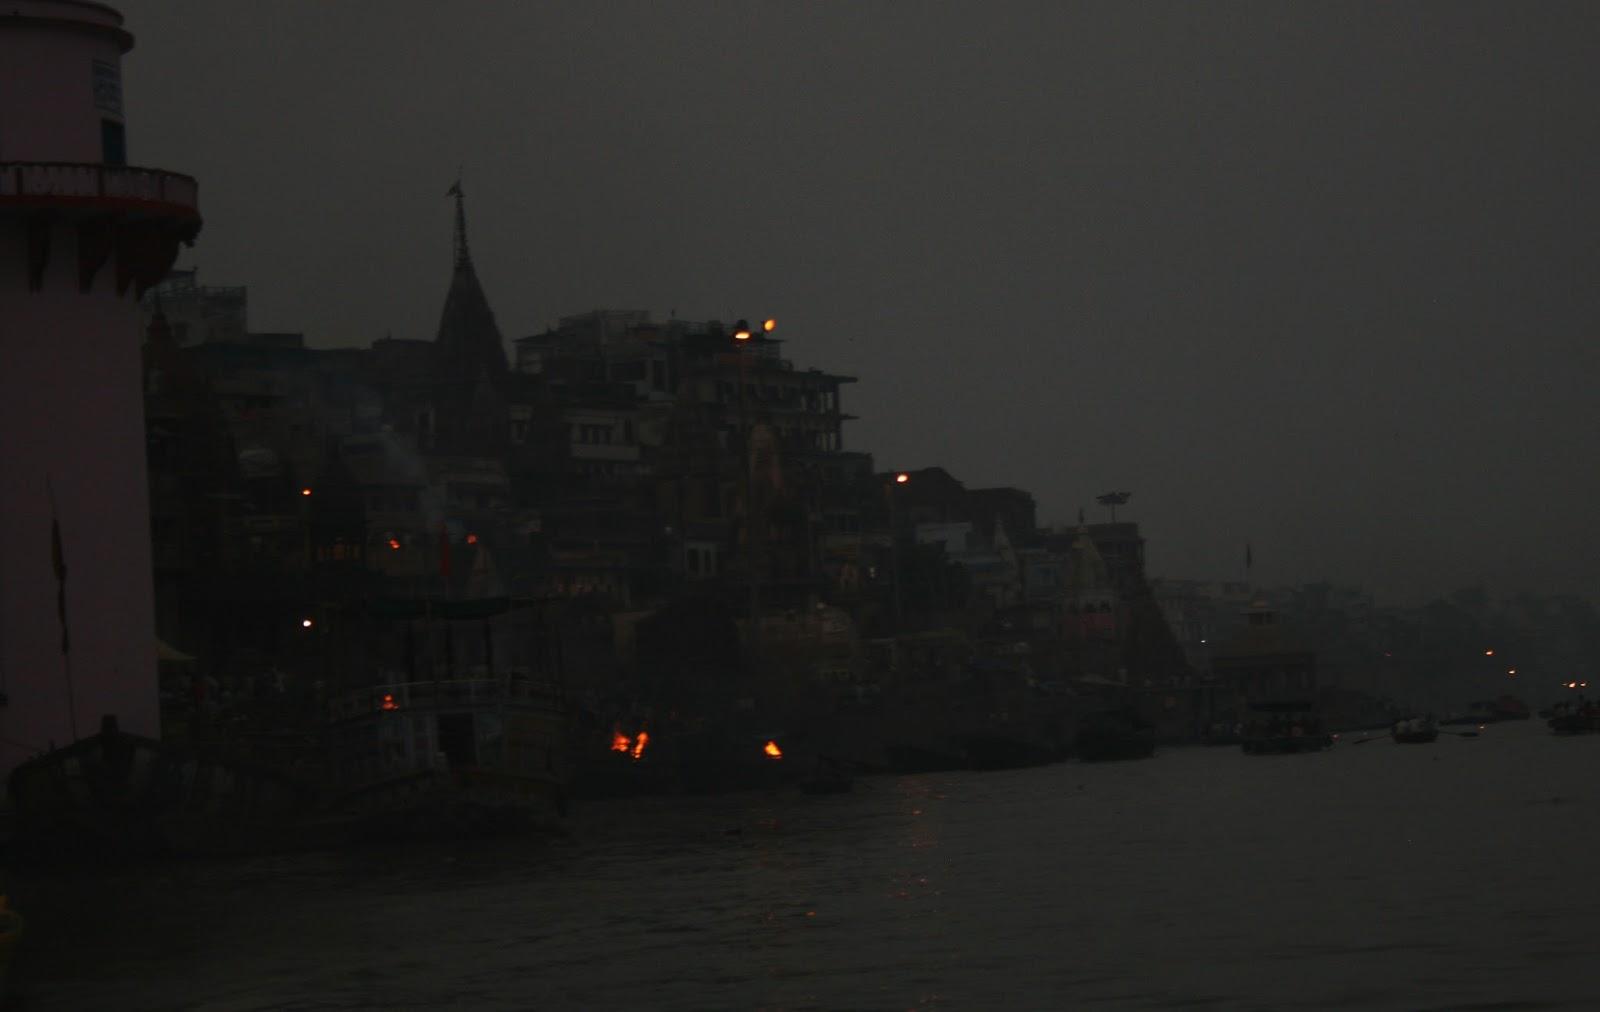 Viaje a India: cremaciones frente al rio Ganges en Varanasi (Benares)